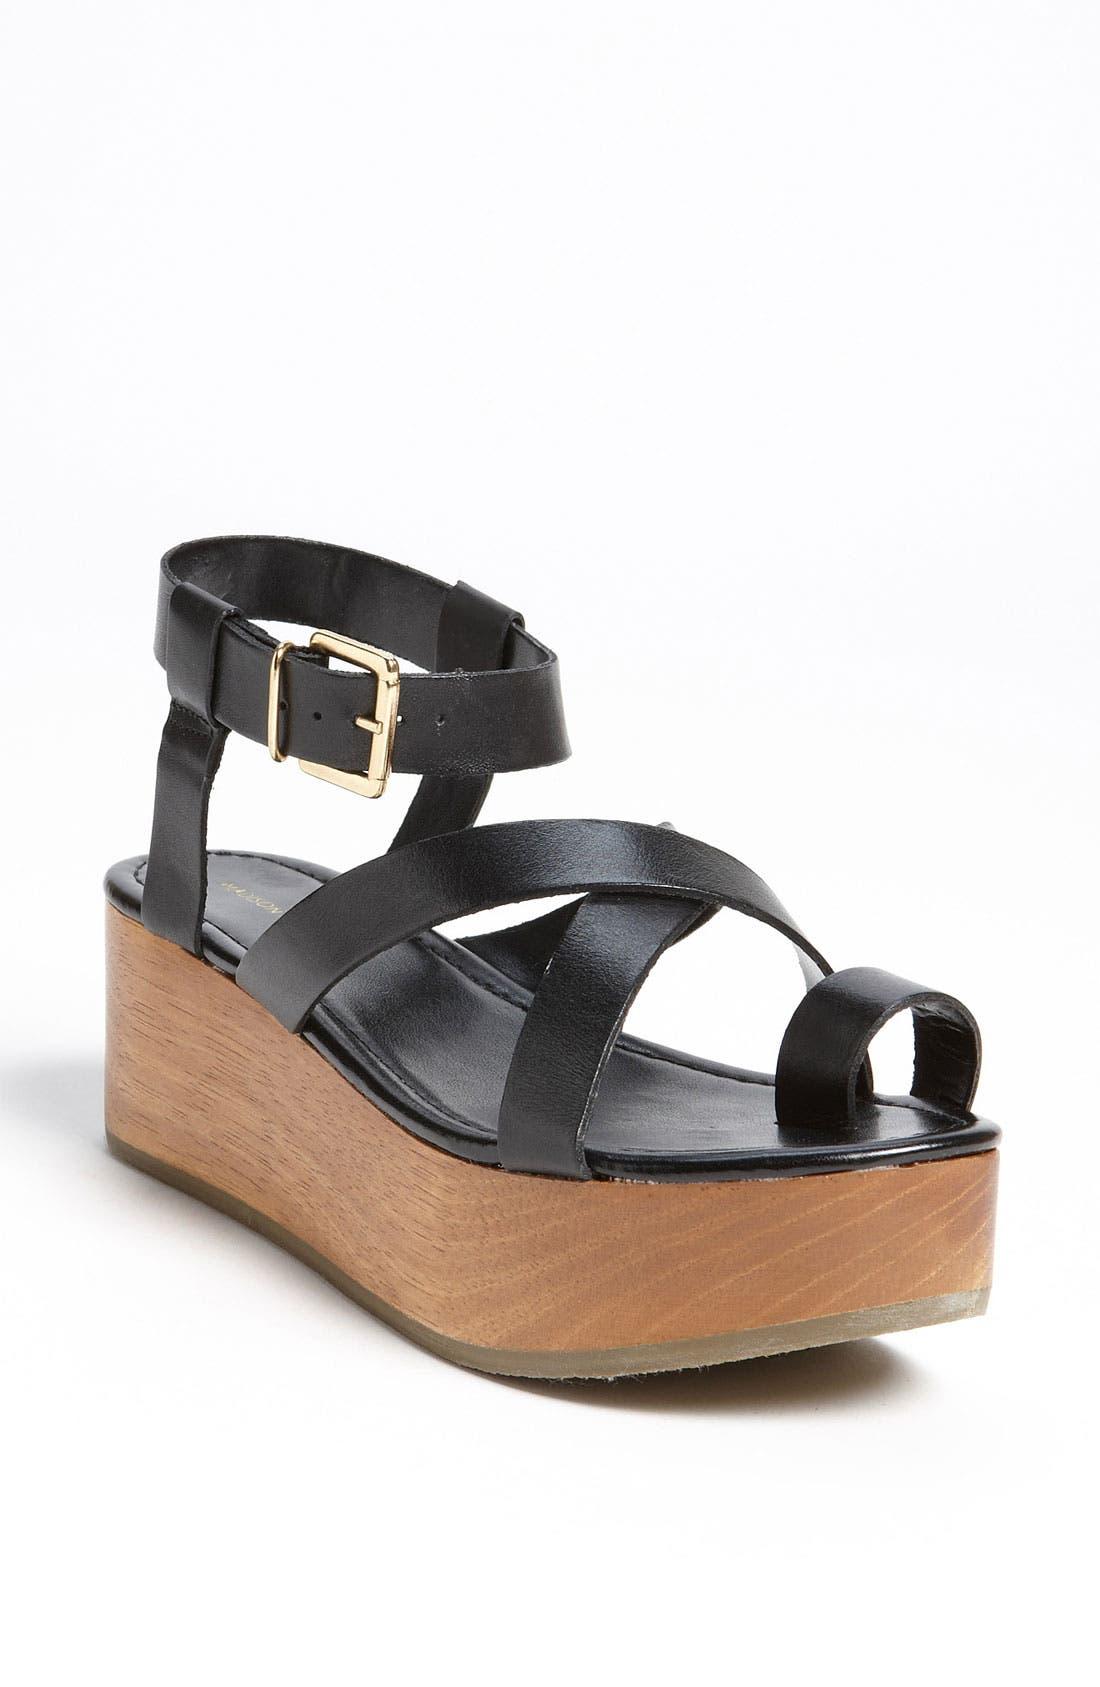 Main Image - Madison Harding 'Suzie' Sandal